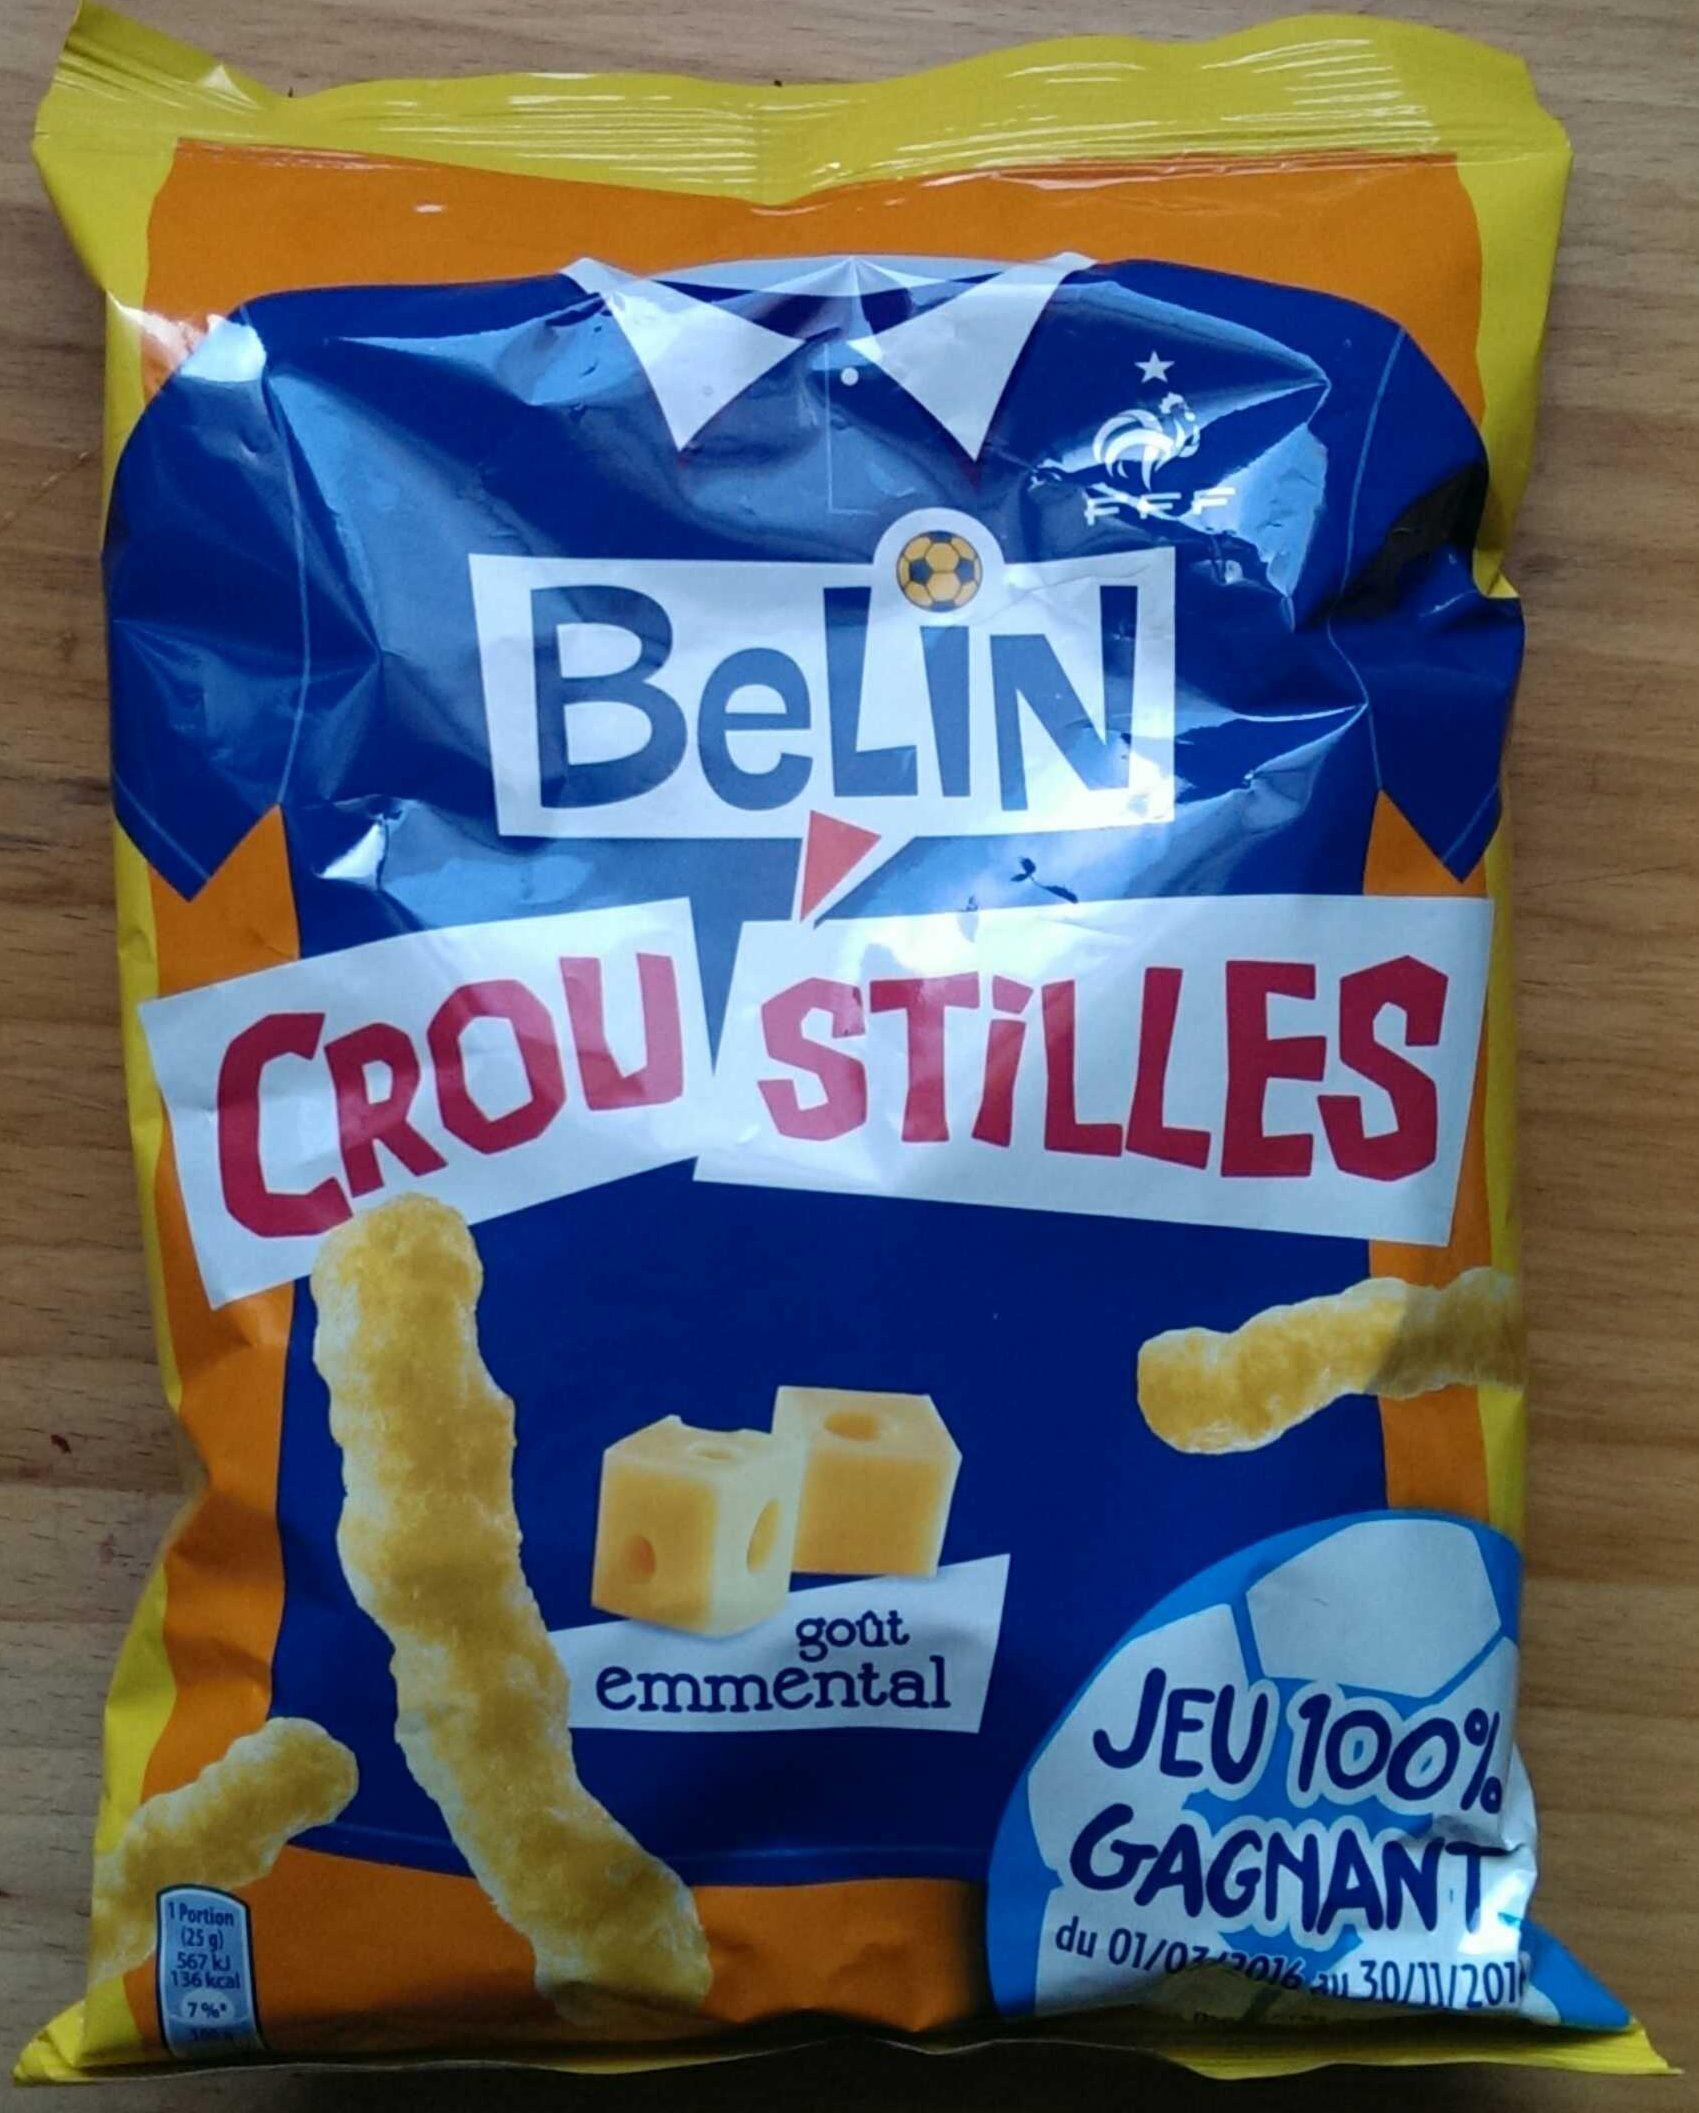 Croustilles goût emmental - Product - fr